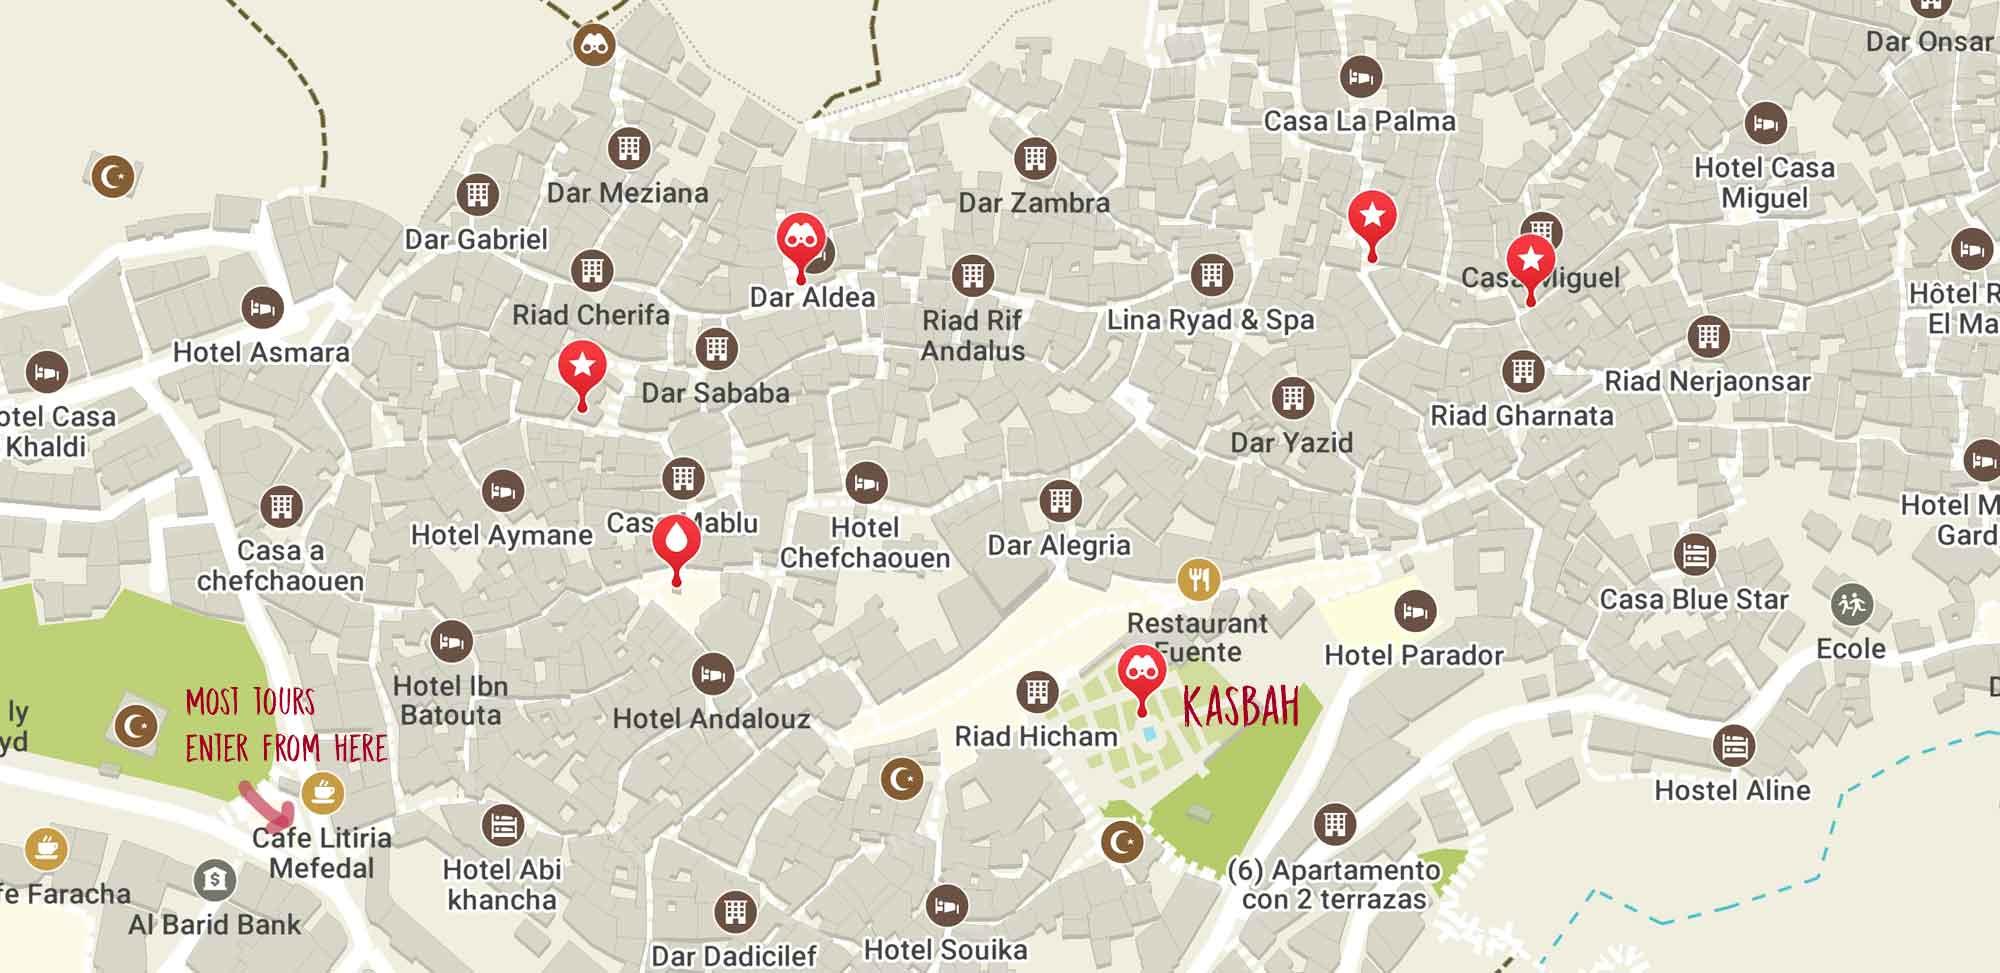 chefchaouen-kasbah-map